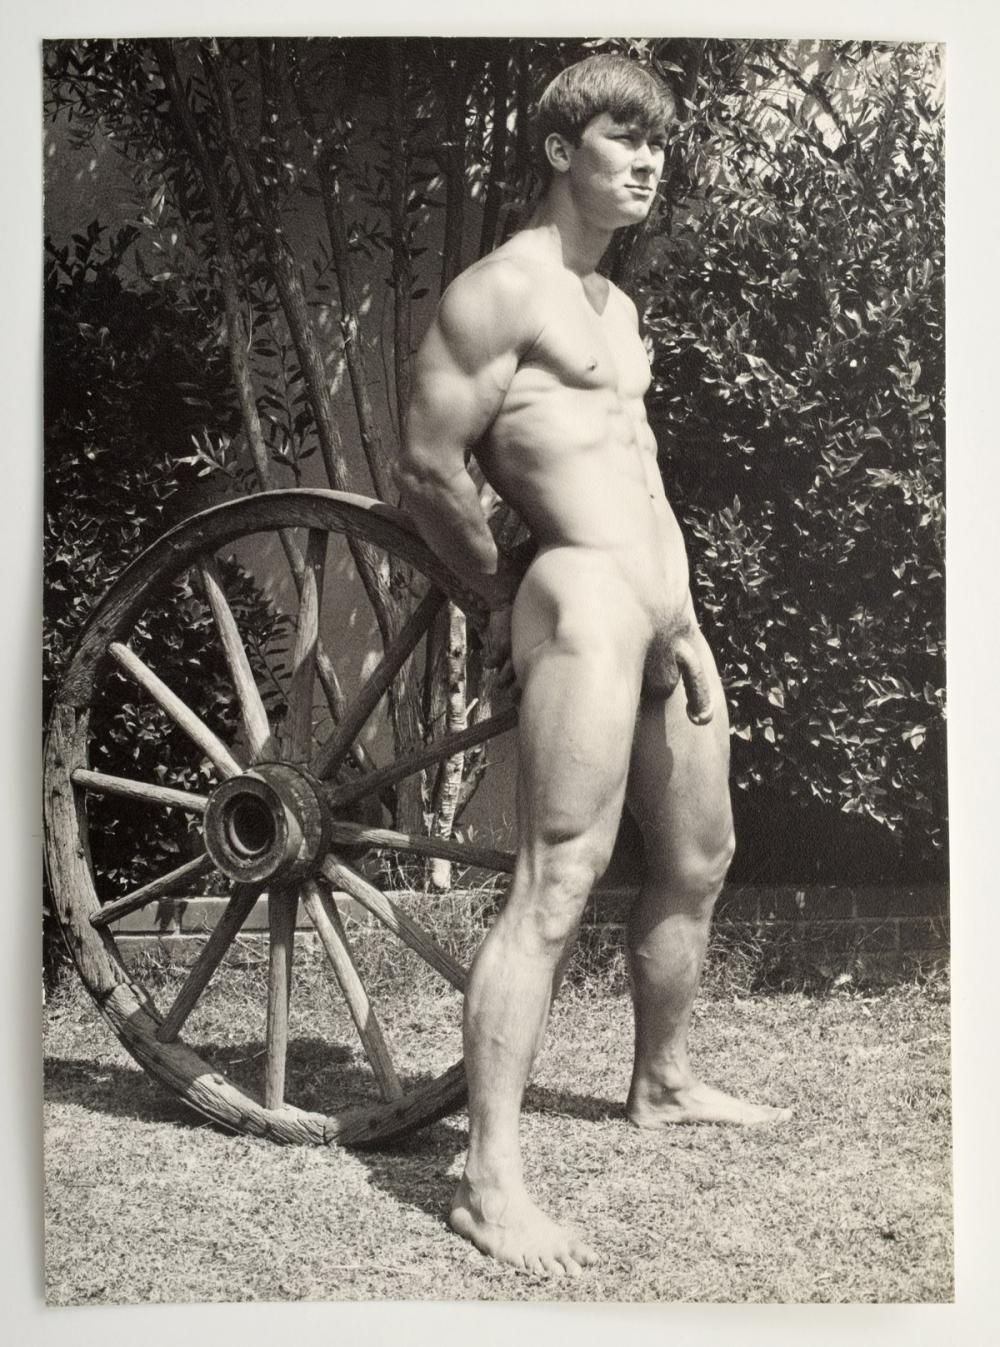 Vintage nude male models naked